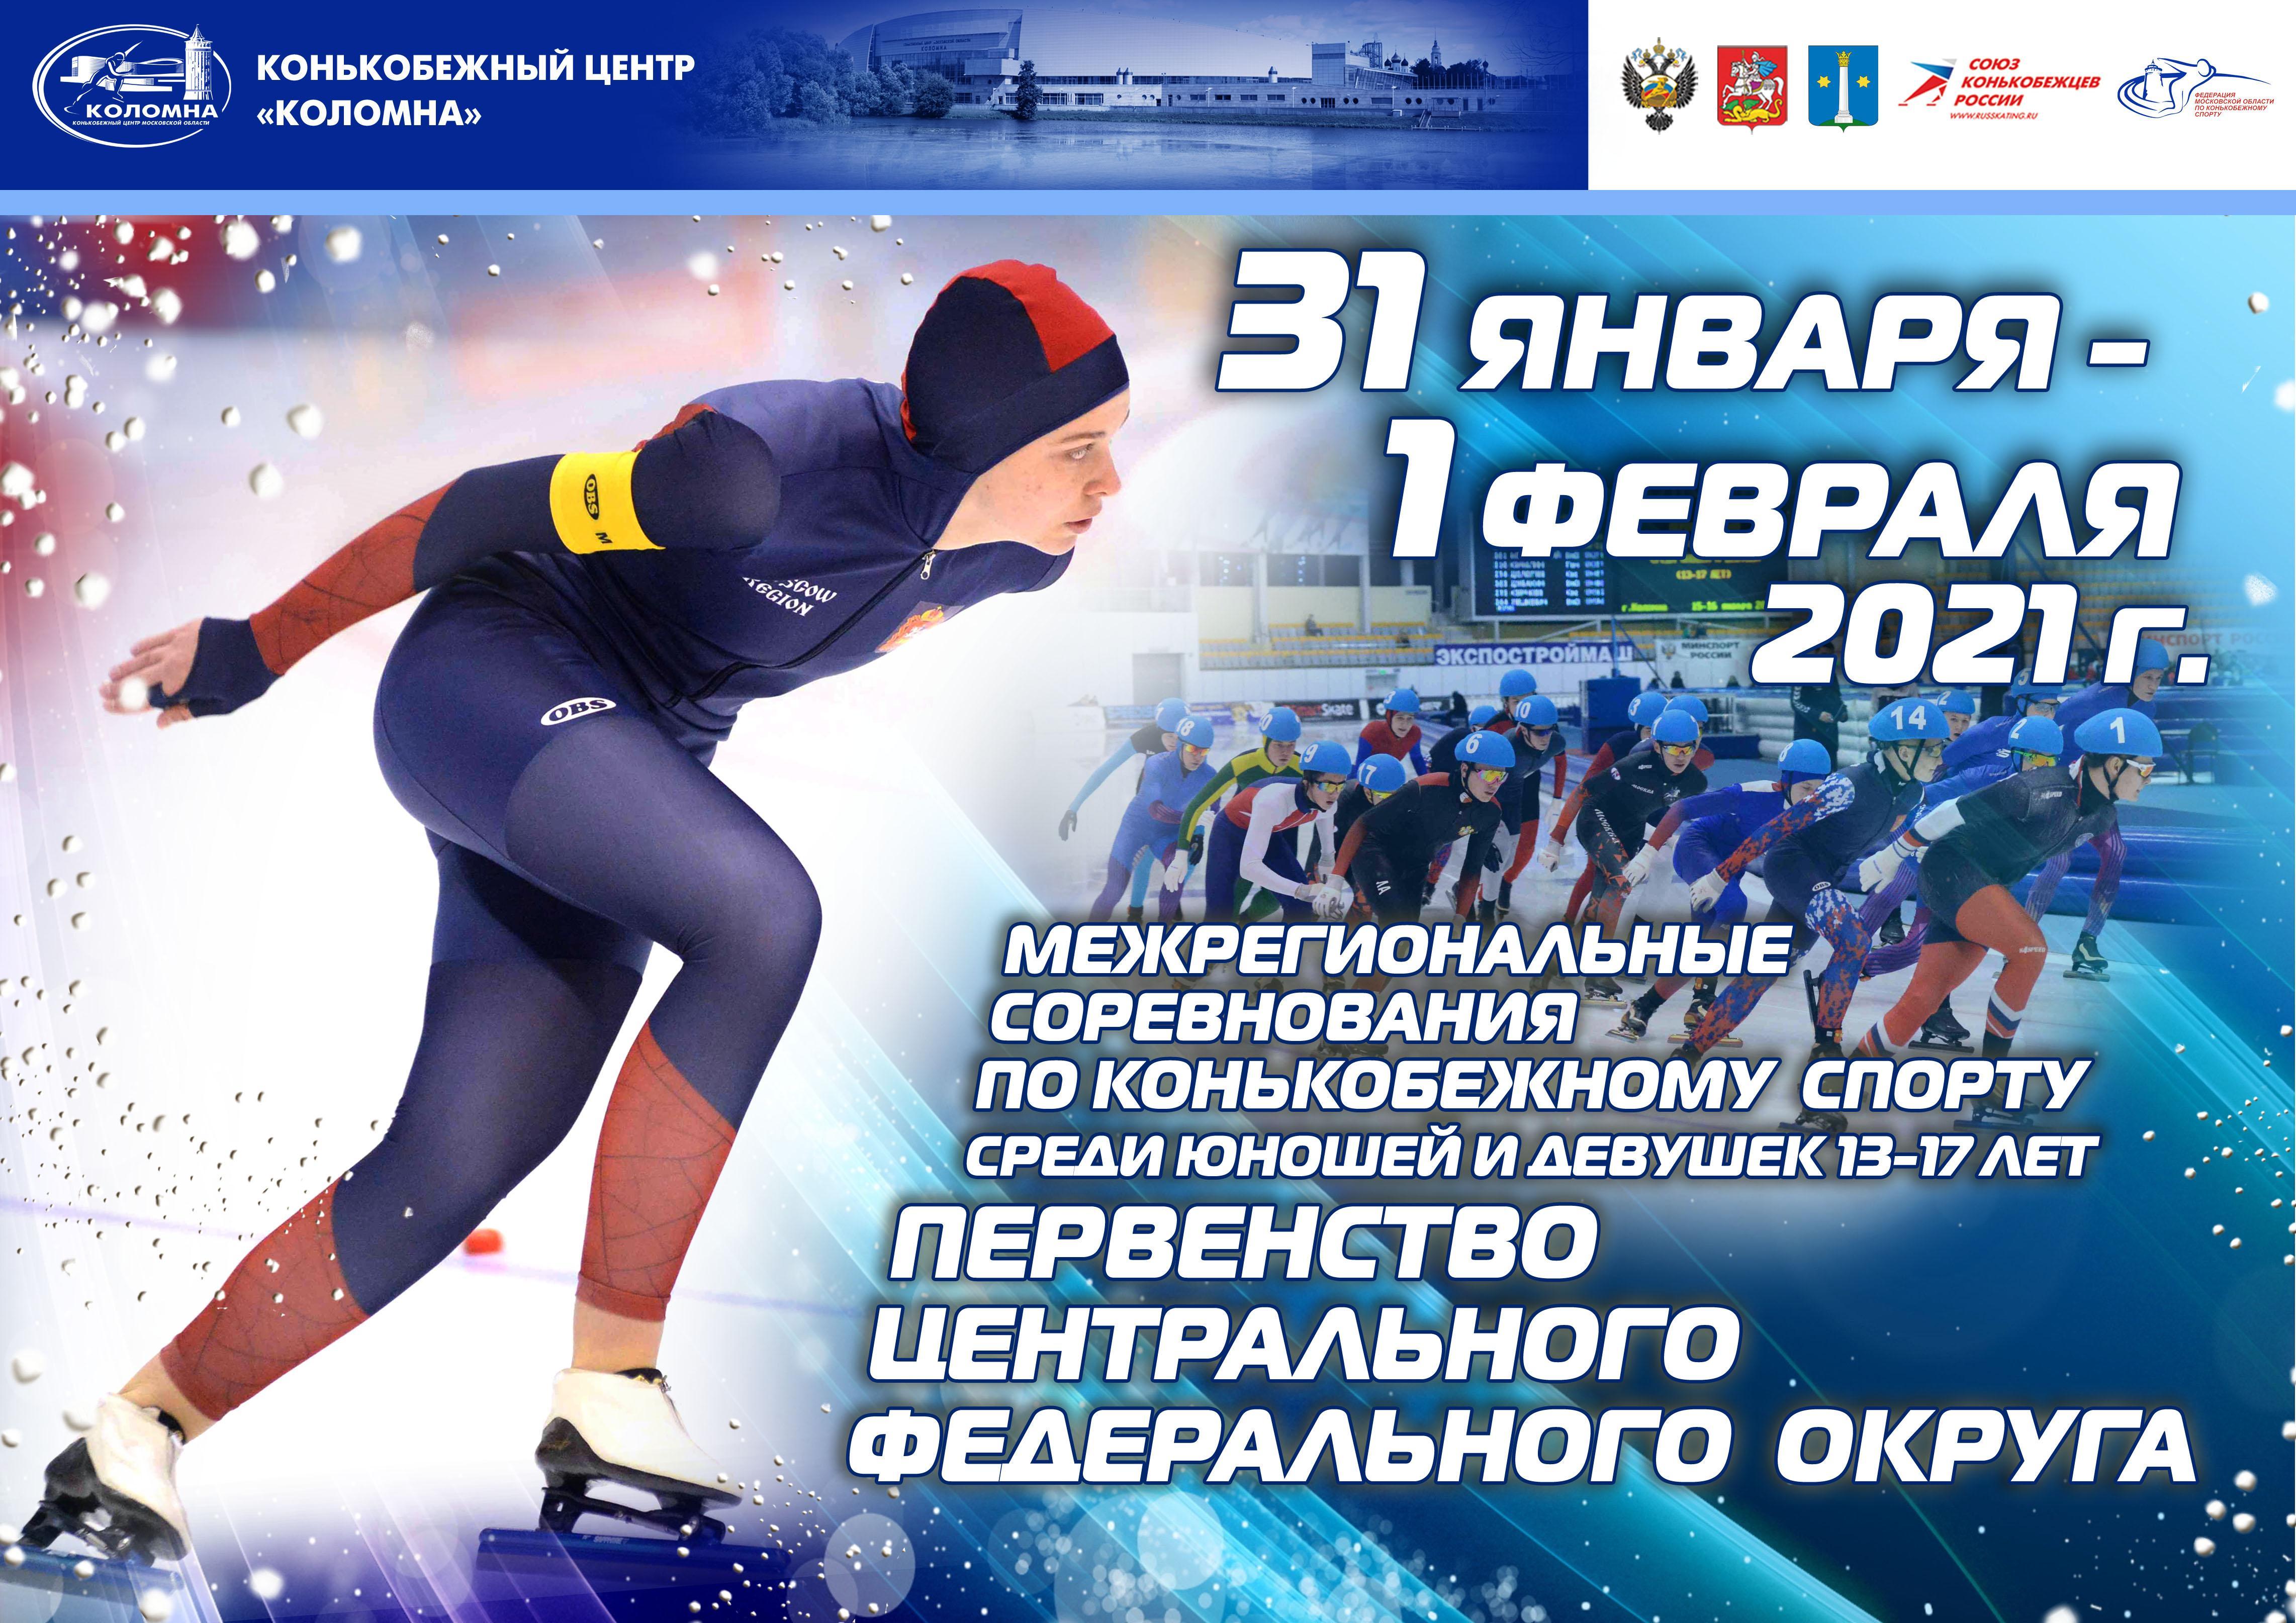 Первенство ЦФО среди юношей и девушек по конькобежному спорту состоится в Коломне